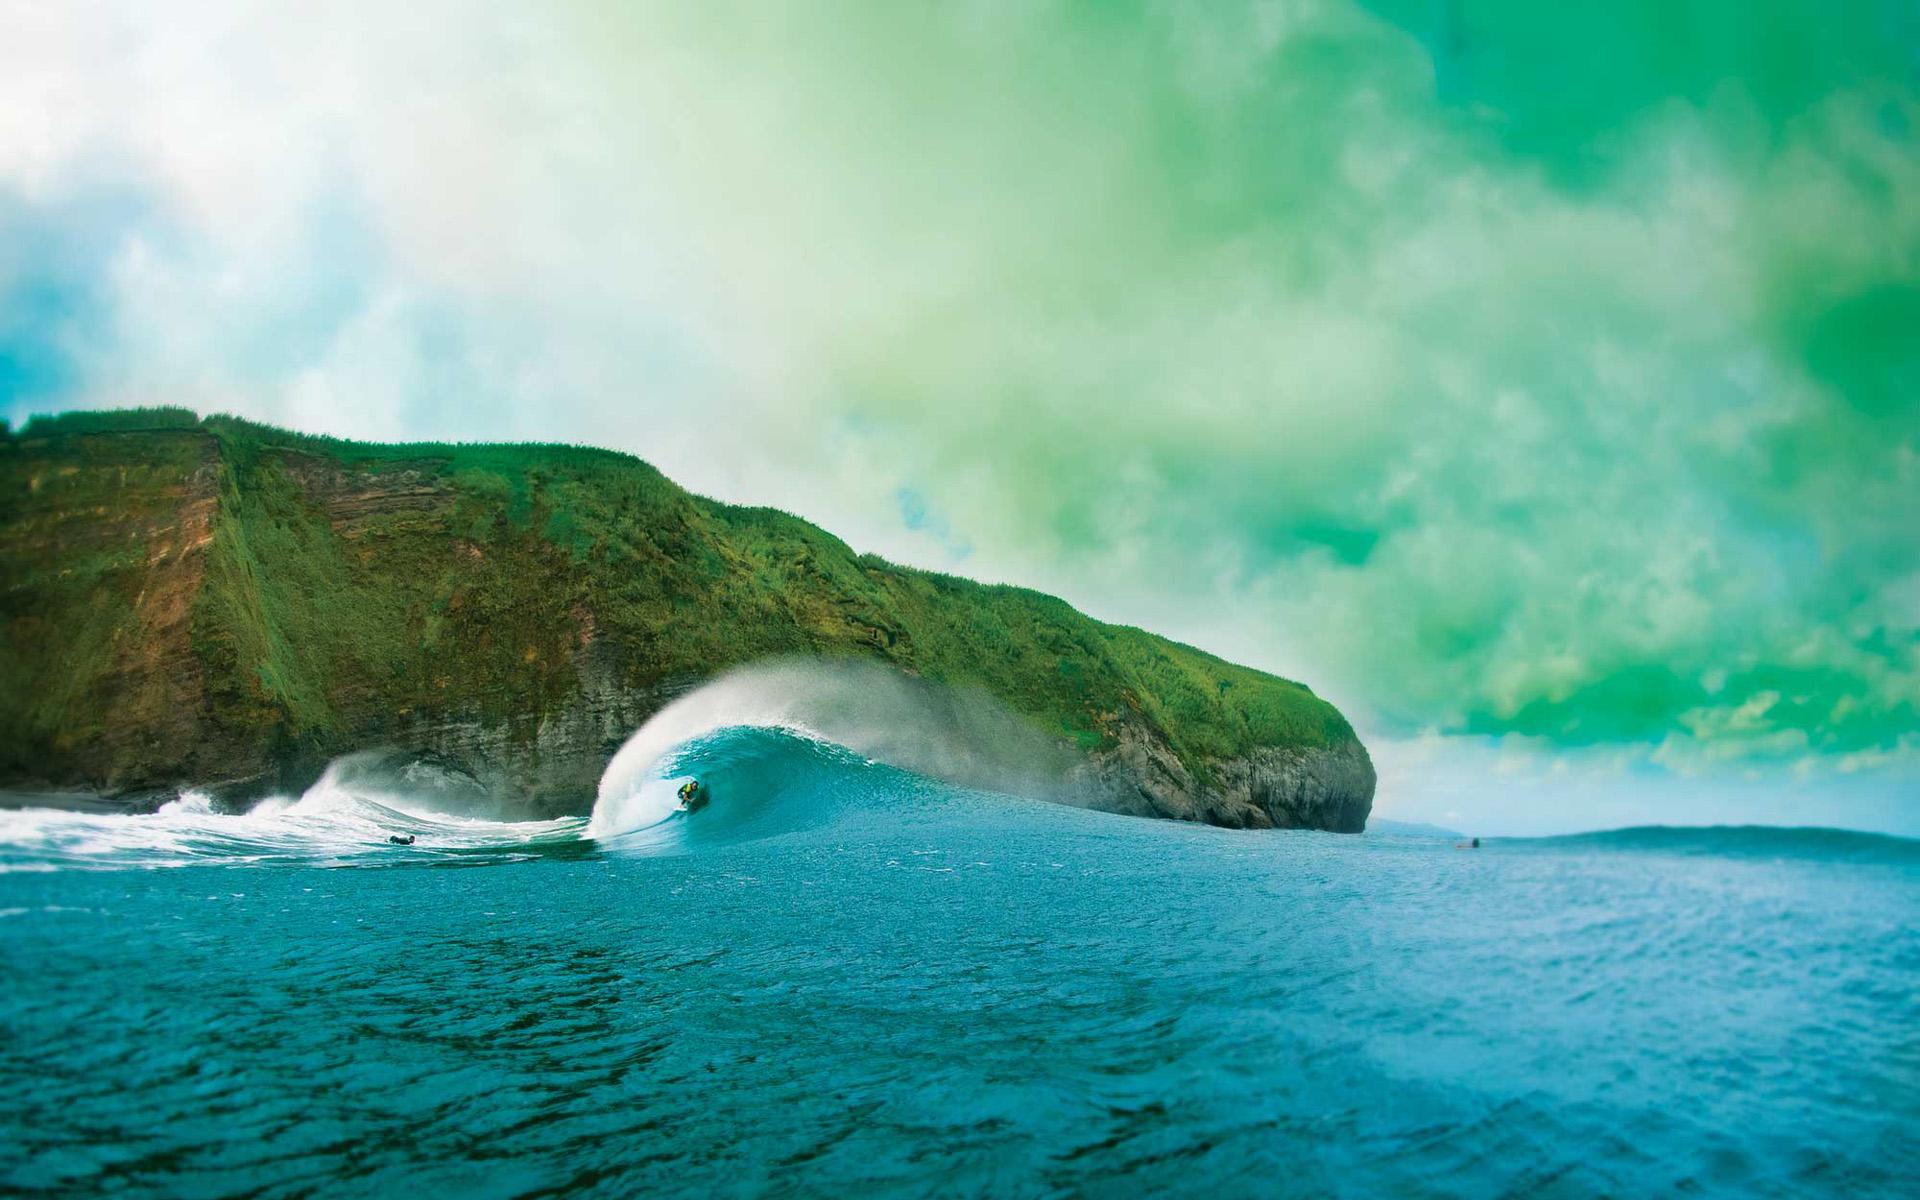 Wallpaper Hd Surfer Girl Free Hd Surfing Wallpapers Pixelstalk Net